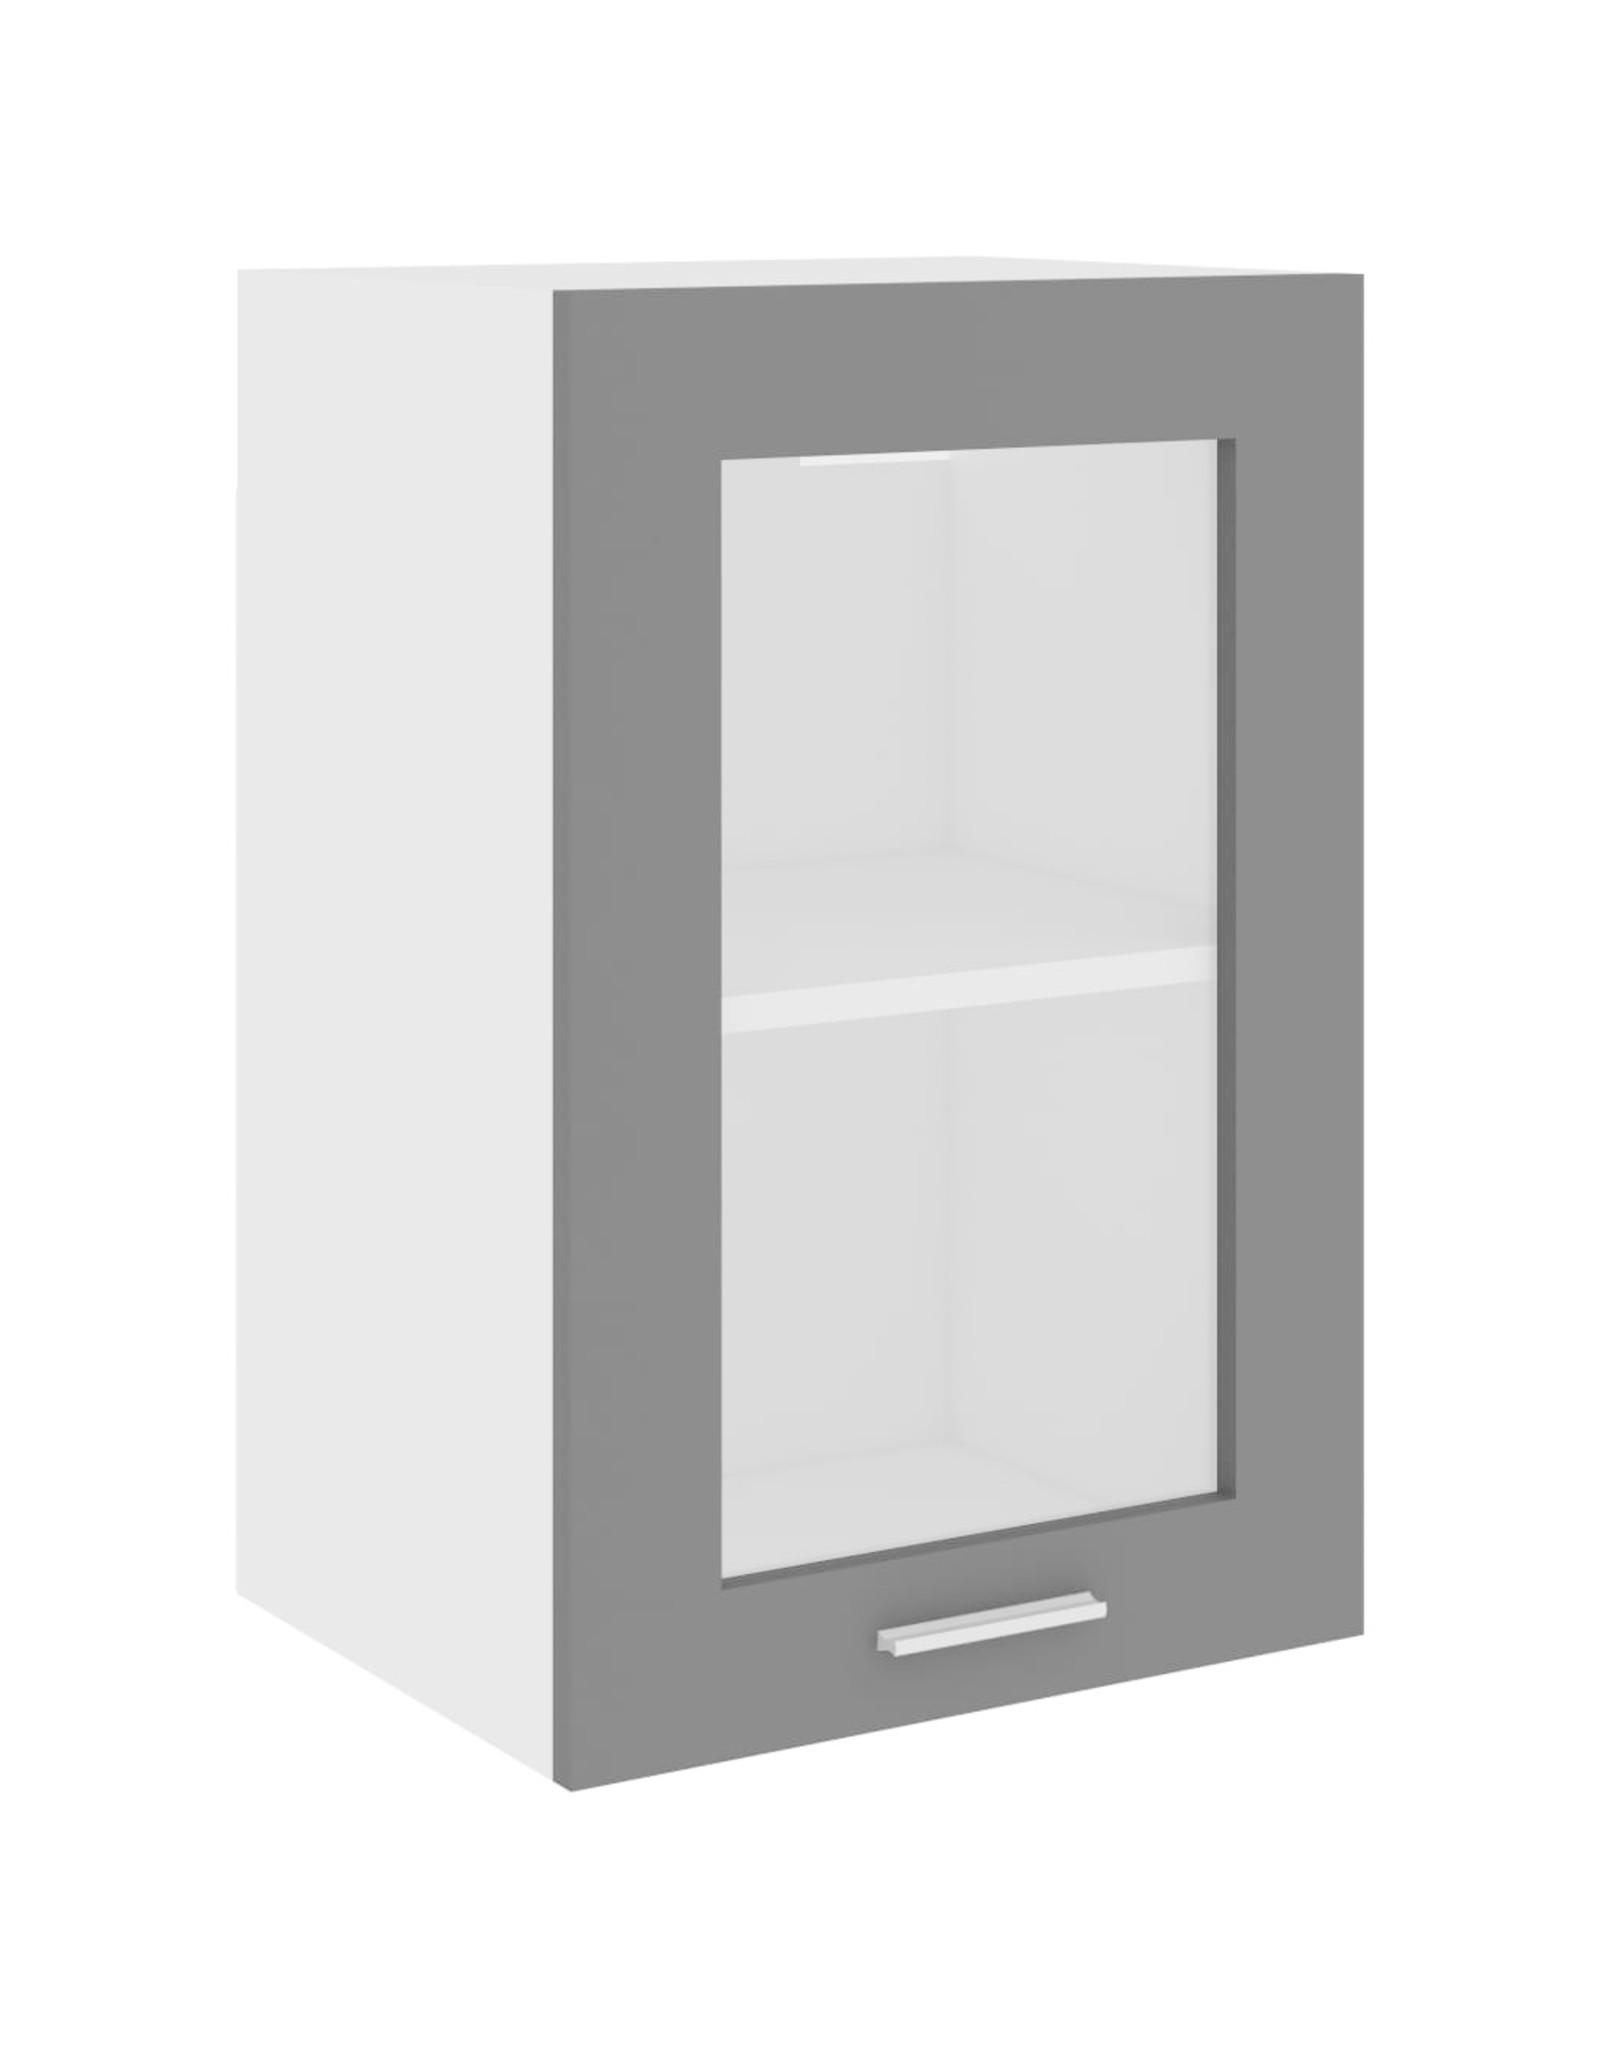 Hangkast 40x31x60 cm spaanplaat grijs